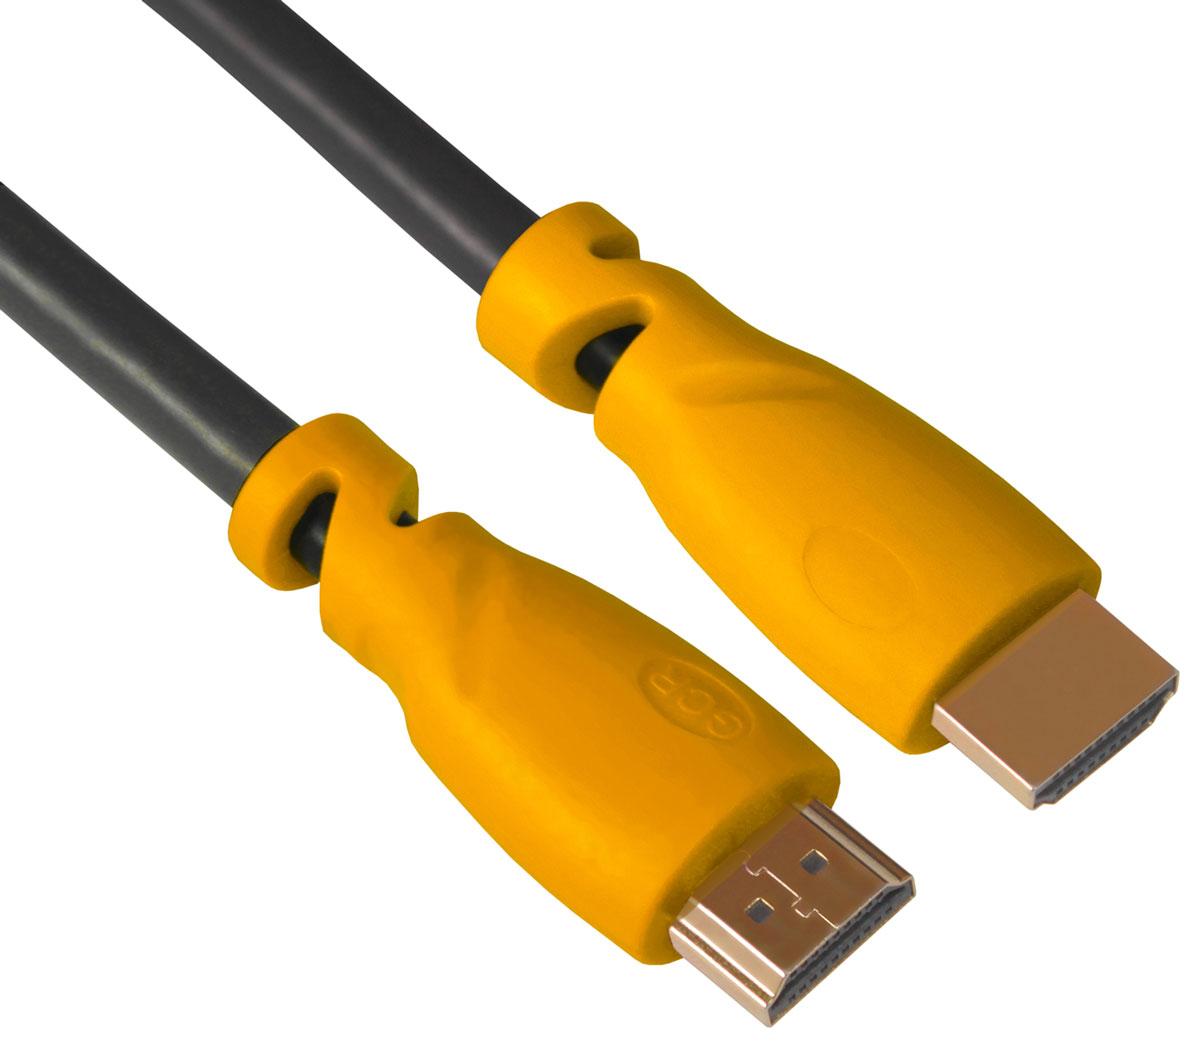 Greenconnect GCR-HM340 кабель HDMI (0,3 м)GCR-HM340-0.3mКабель HDMI v 1.4 Greenconnect GCR-HM340 - отличное решение для подключения компьютера, игровых консолей, DVD и Blu-ray плееров, аудио-ресиверов к телевизору или дополнительному монитору. Кабель HDMI поддерживает как стандартные, так и высокие разрешения самых современных моделей телевизоров.Greenconnect GCR-HM340 поддерживает 4K, Full HD и HD разрешения. Это даёт возможность наслаждаться более точной и естественной картинкой с высочайшим уровнем детализации и диапазоном цветов. Использование кабеля позволяет передавать изображение в столь популярном формате 3D, усиливая элемент присутствия и позволяя получать удовольствие от качественного объёмного изображения.Кабель оснащен двунаправленным каналом для передачи сетевых данных, который подходит для использования IP-приложениями. Канал Ethernet позволяет нескольким устройствам работать в сети Ethernet без необходимости подключения дополнительных проводов, а также напрямую обмениваться контентом. Наличие обратного канала аудио устраняет необходимость в отдельном проводе для передачи звука в ресивер с телевизора или другого устройства, которое является одновременно источником аудио и видео.Максимальная скорость передачи данных по HDMI кабелю Greenconnect GCR-HM340 до 10,2 Гбит/с. Высокая скорость обеспечивает передачу больших объёмов данных за кратчайшее время. Позволяет передавать данные в онлайн режиме без потери качества. Экранирование кабеля защищает сигнал при передаче от влияния внешних полей, способных создать помехи.Внешняя оболочка кабеля Greenconnect GCR-HM340 изготовлена из экологически чистого PVС, соответствующего европейскому стандарту безотходного производства RoHS. Коннектор HDMI кабеля способен выдержать более 10 тысяч подключений, благодаря высококачественным материалам и практичному дизайну.